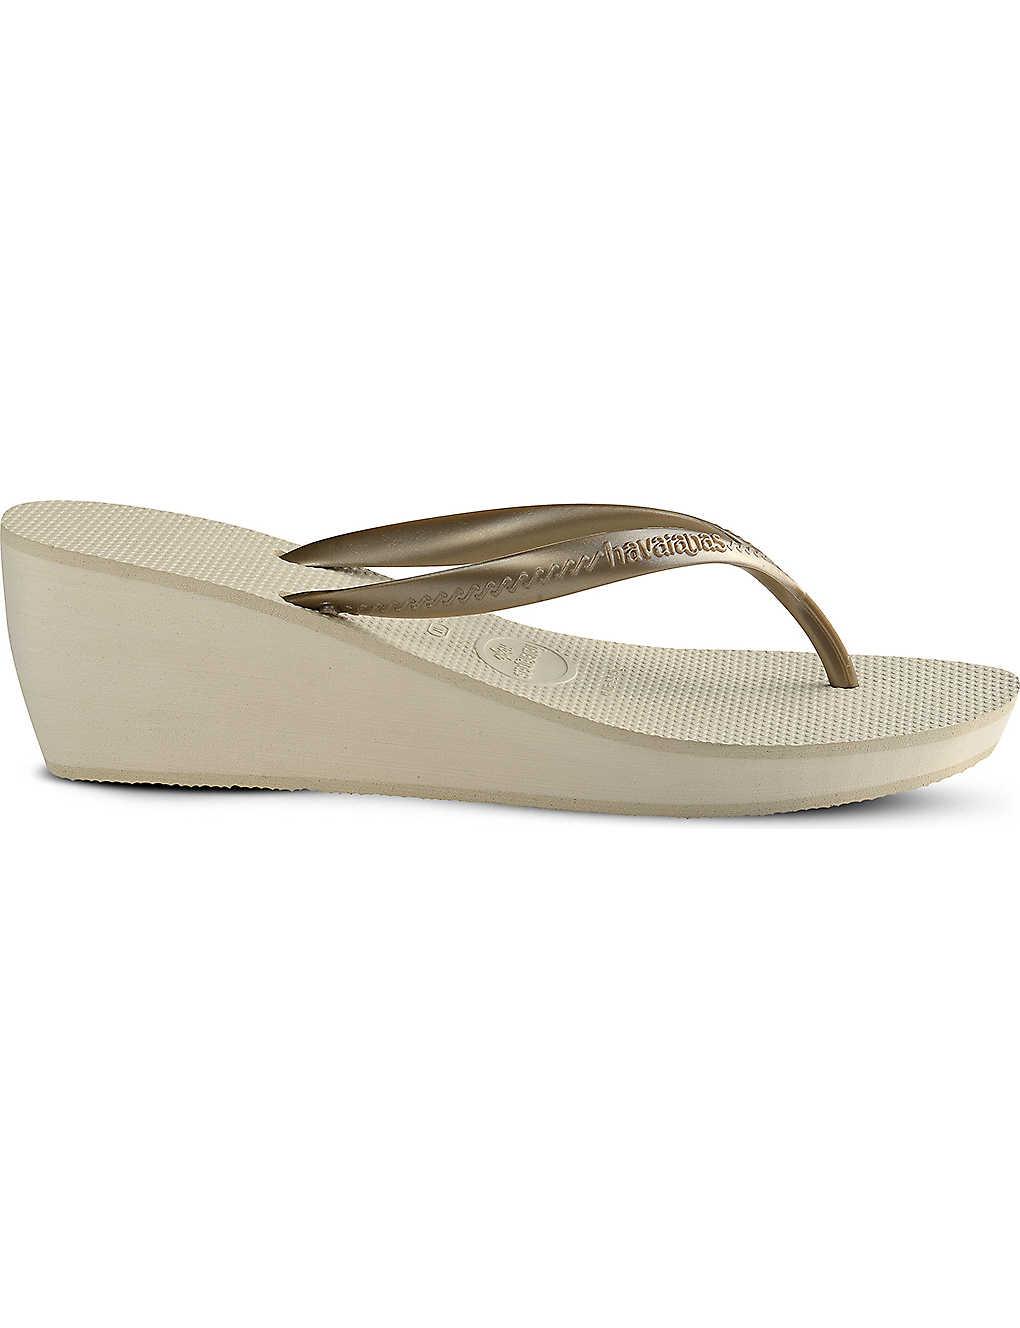 aa78baea2 HAVAIANAS - High Fashion wedge flip-flops